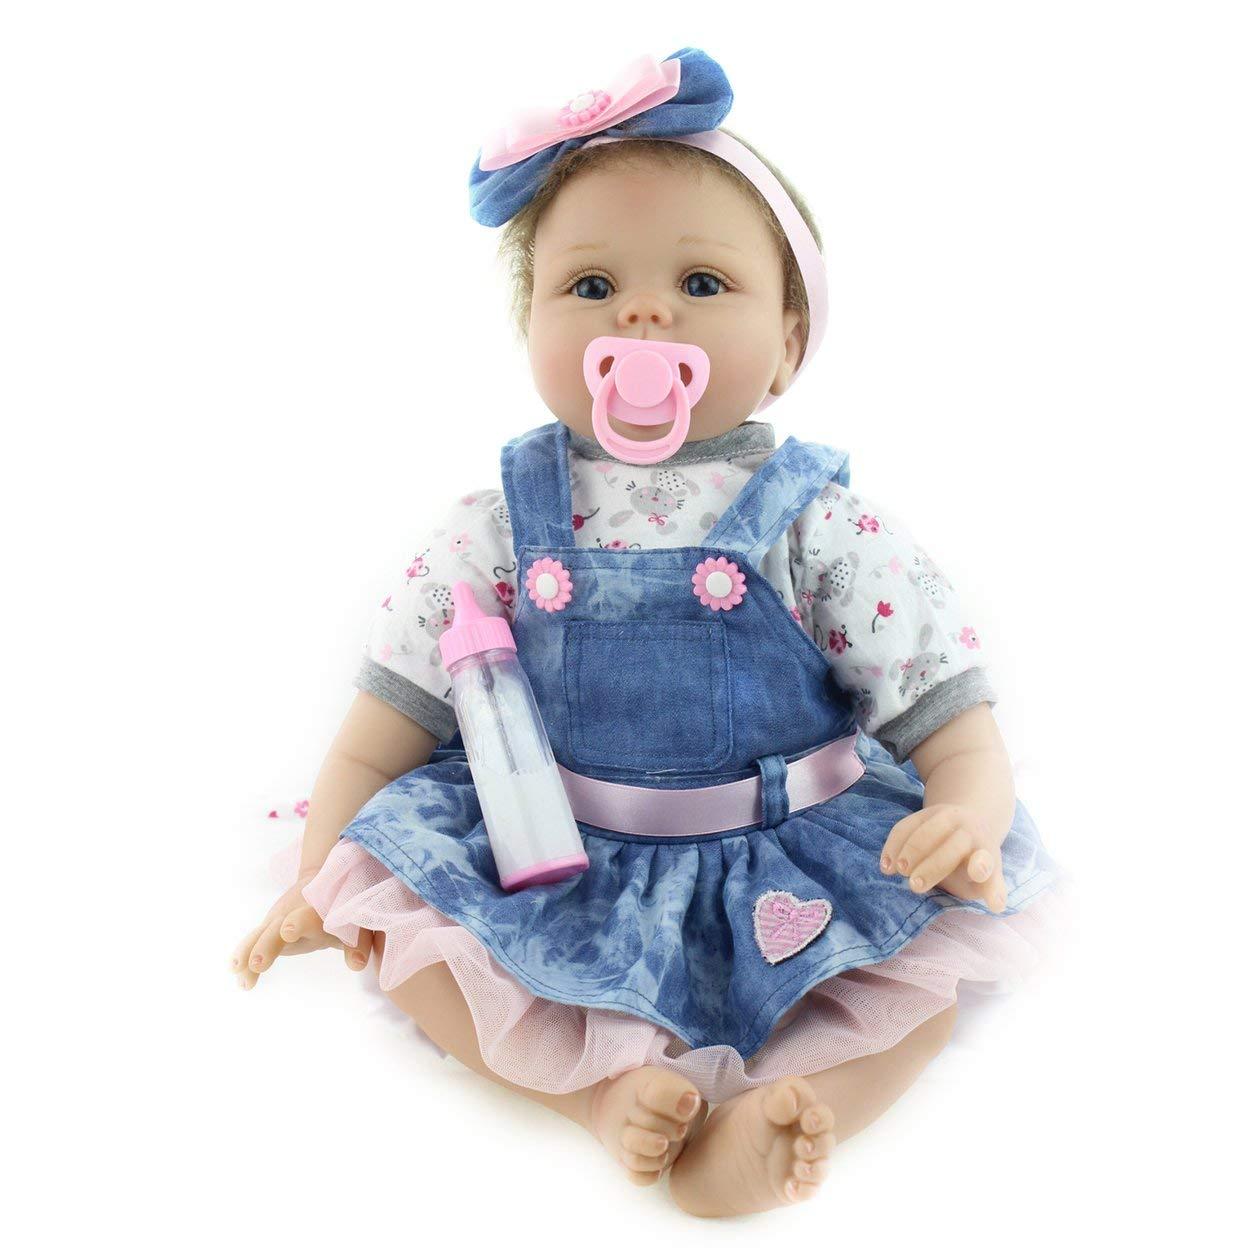 Heraihe 55CM Nette Wieder geboren geboren geboren Baby-Denim-Kleid-Puppe Silikon Naturgetreue Neugeborenes Puppe Mädchen Geburtstags Kinder Mädchen 34787c